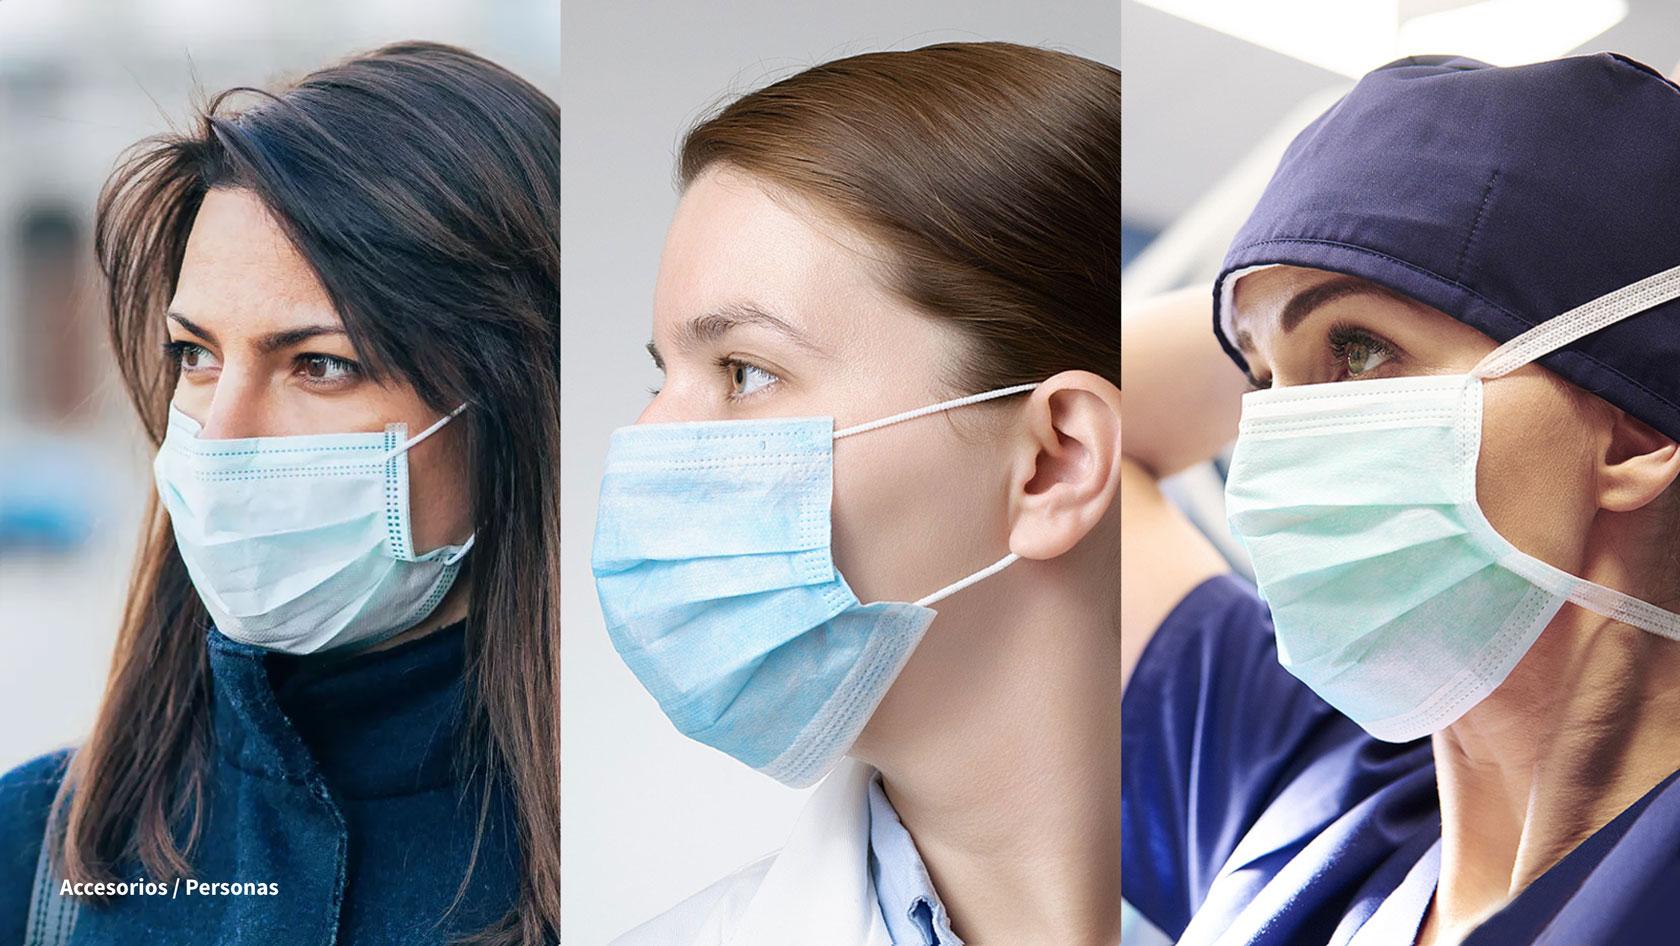 diagnostico-medico-id-009